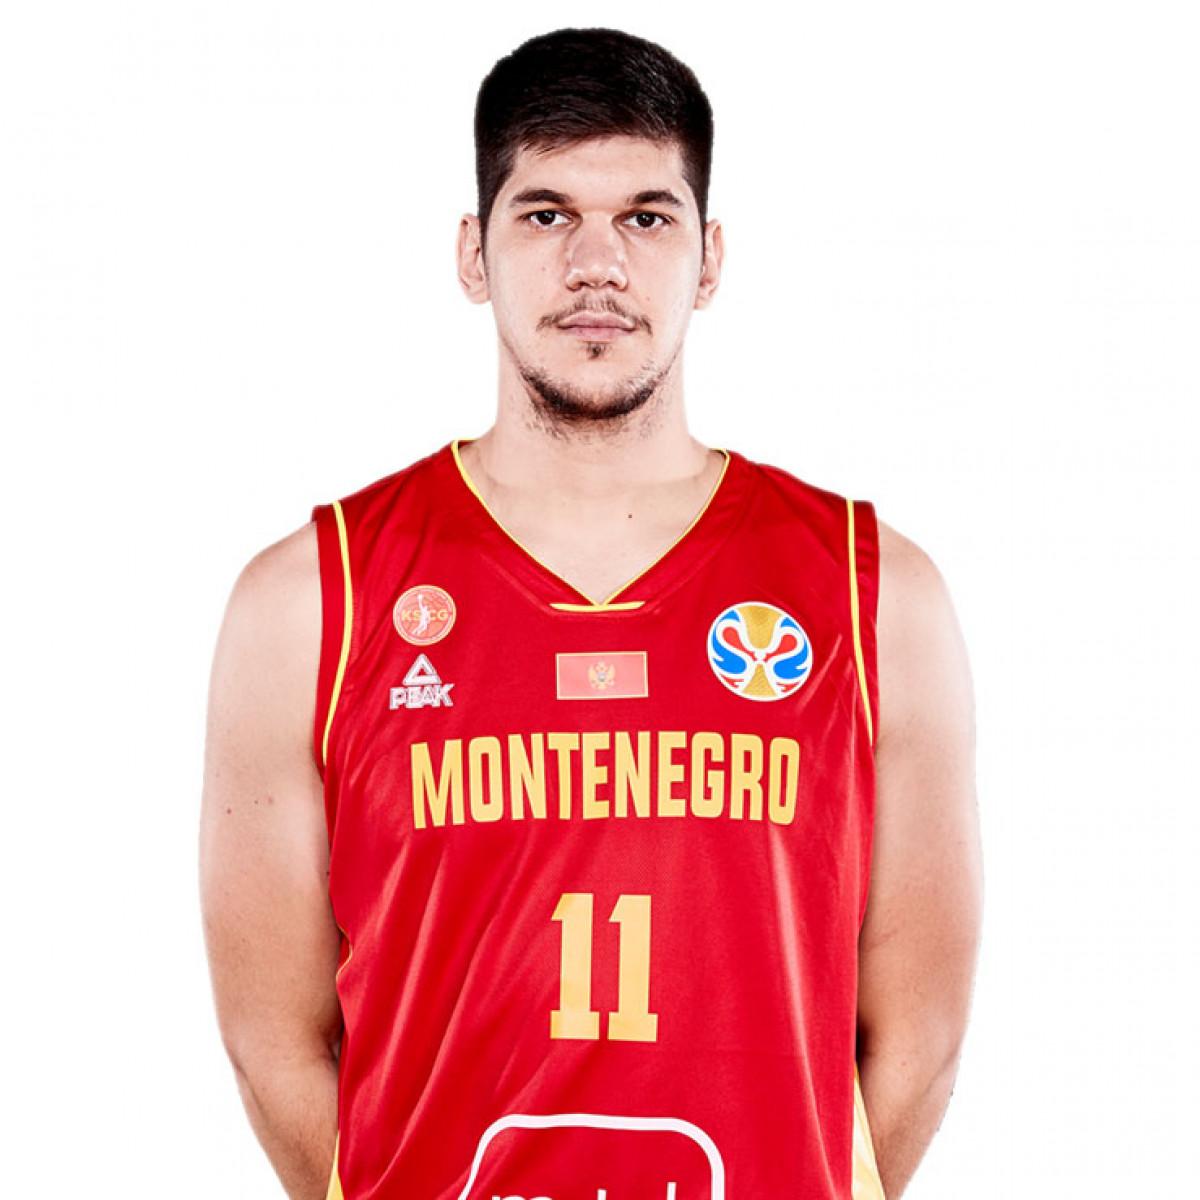 Photo of Marko Todorovic, 2019-2020 season